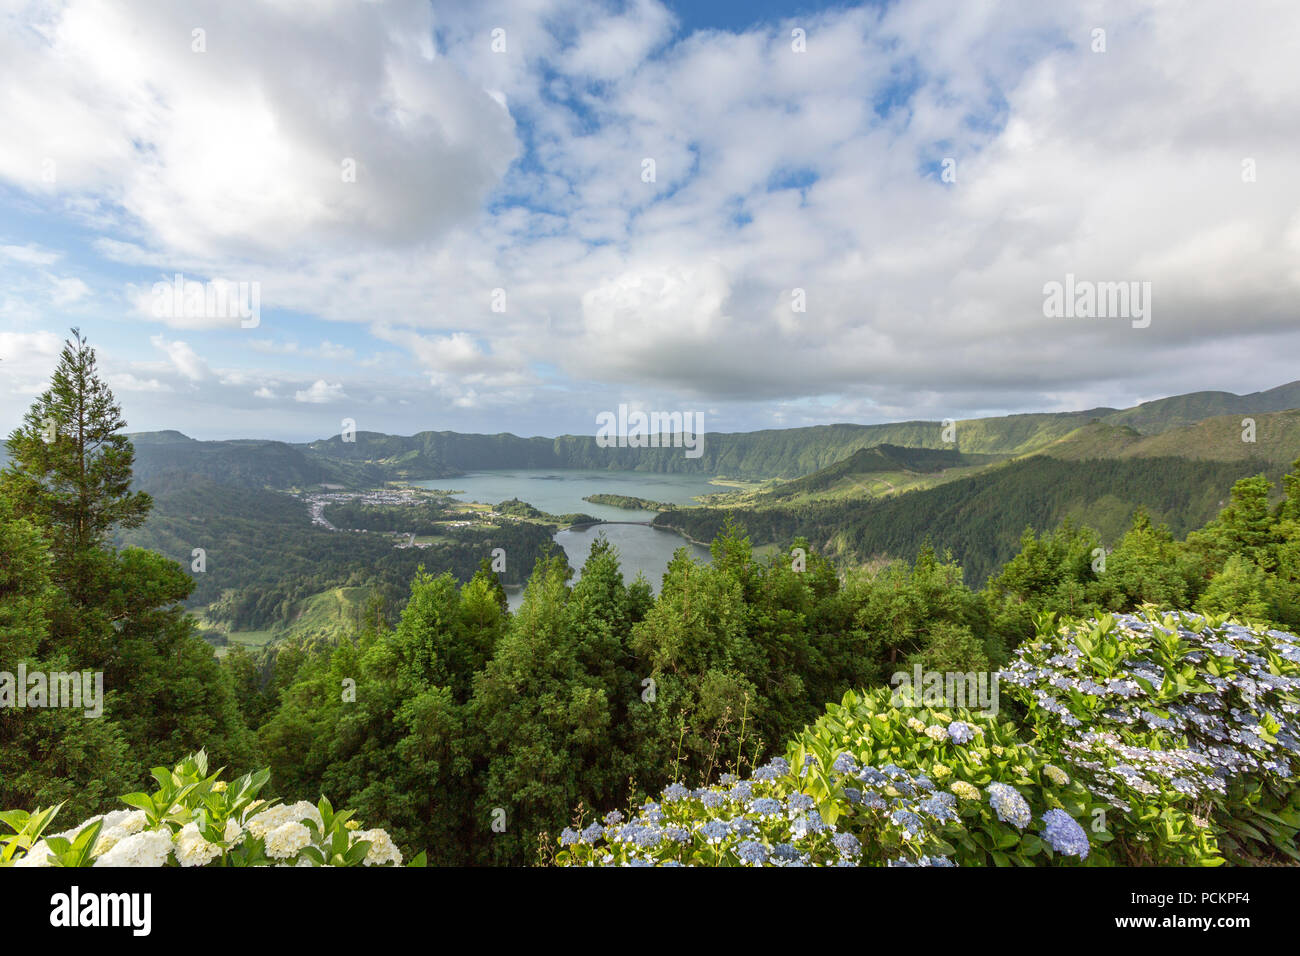 Miradouro da Vista do Rei, viewpoint to Sete Cidades, Sao Miguel island, Azores, Portugal - Stock Image